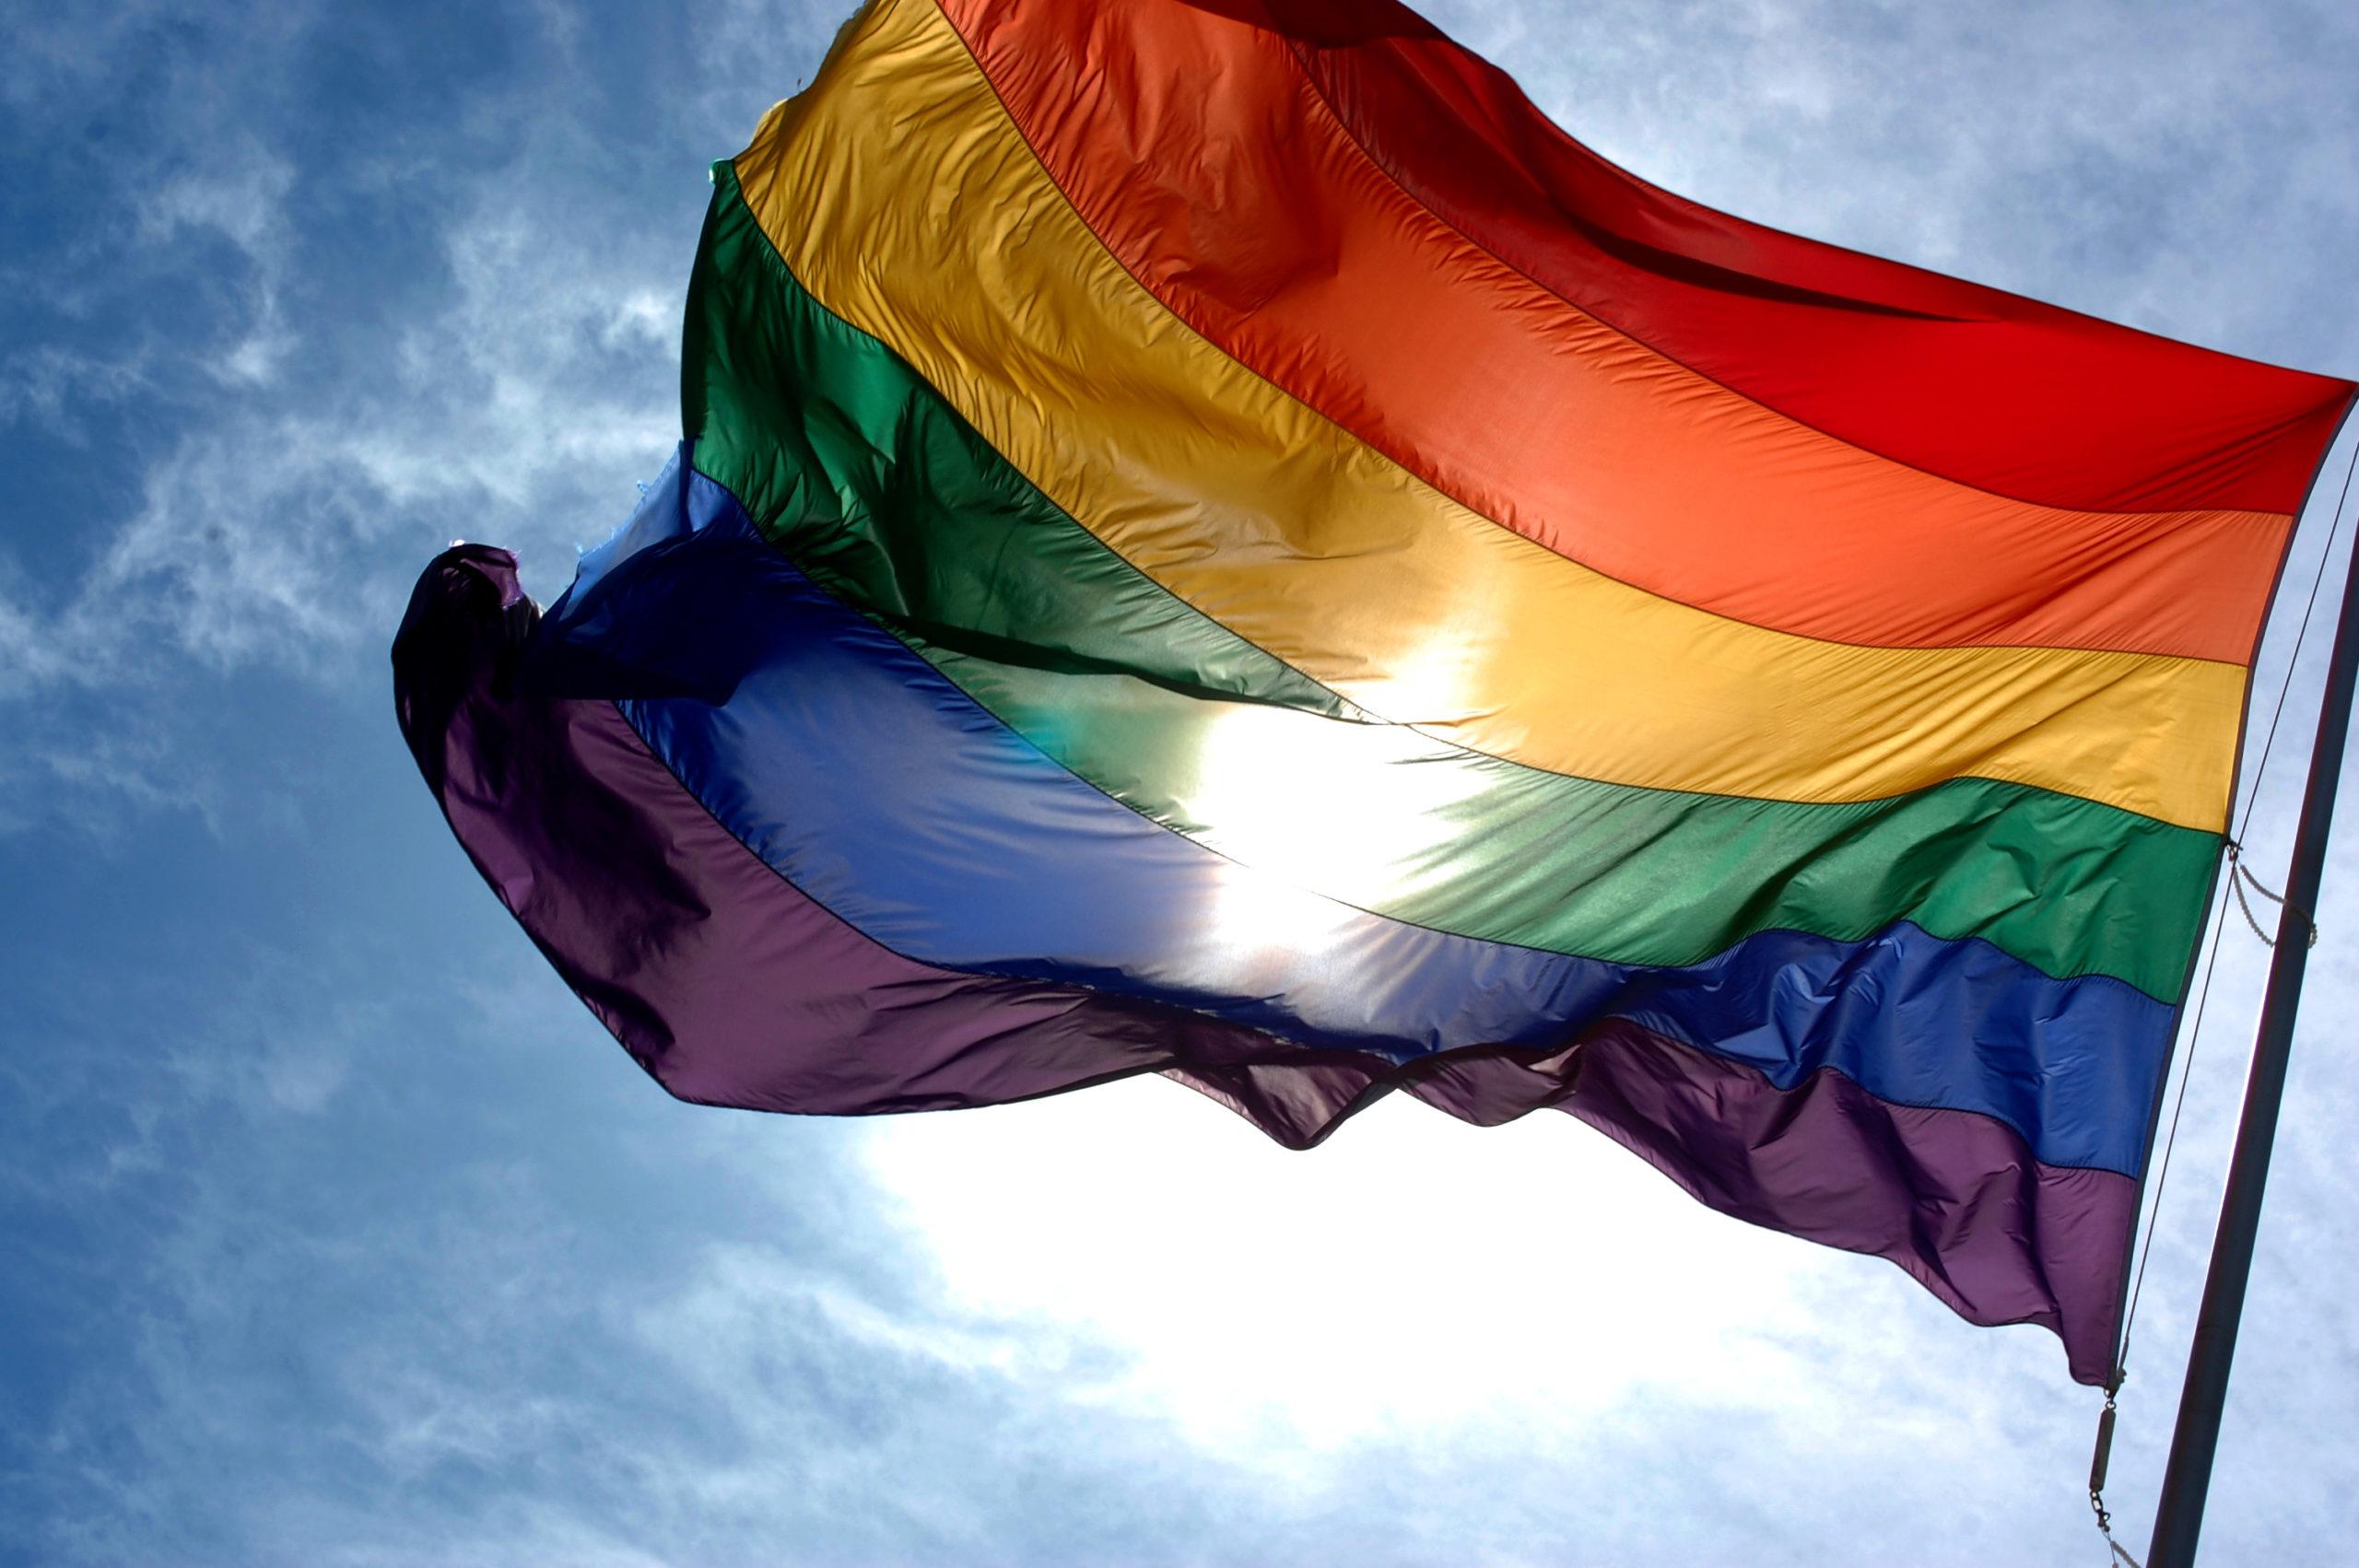 Asesinan en Jalisco a activista LGBT y las redes exigen justicia